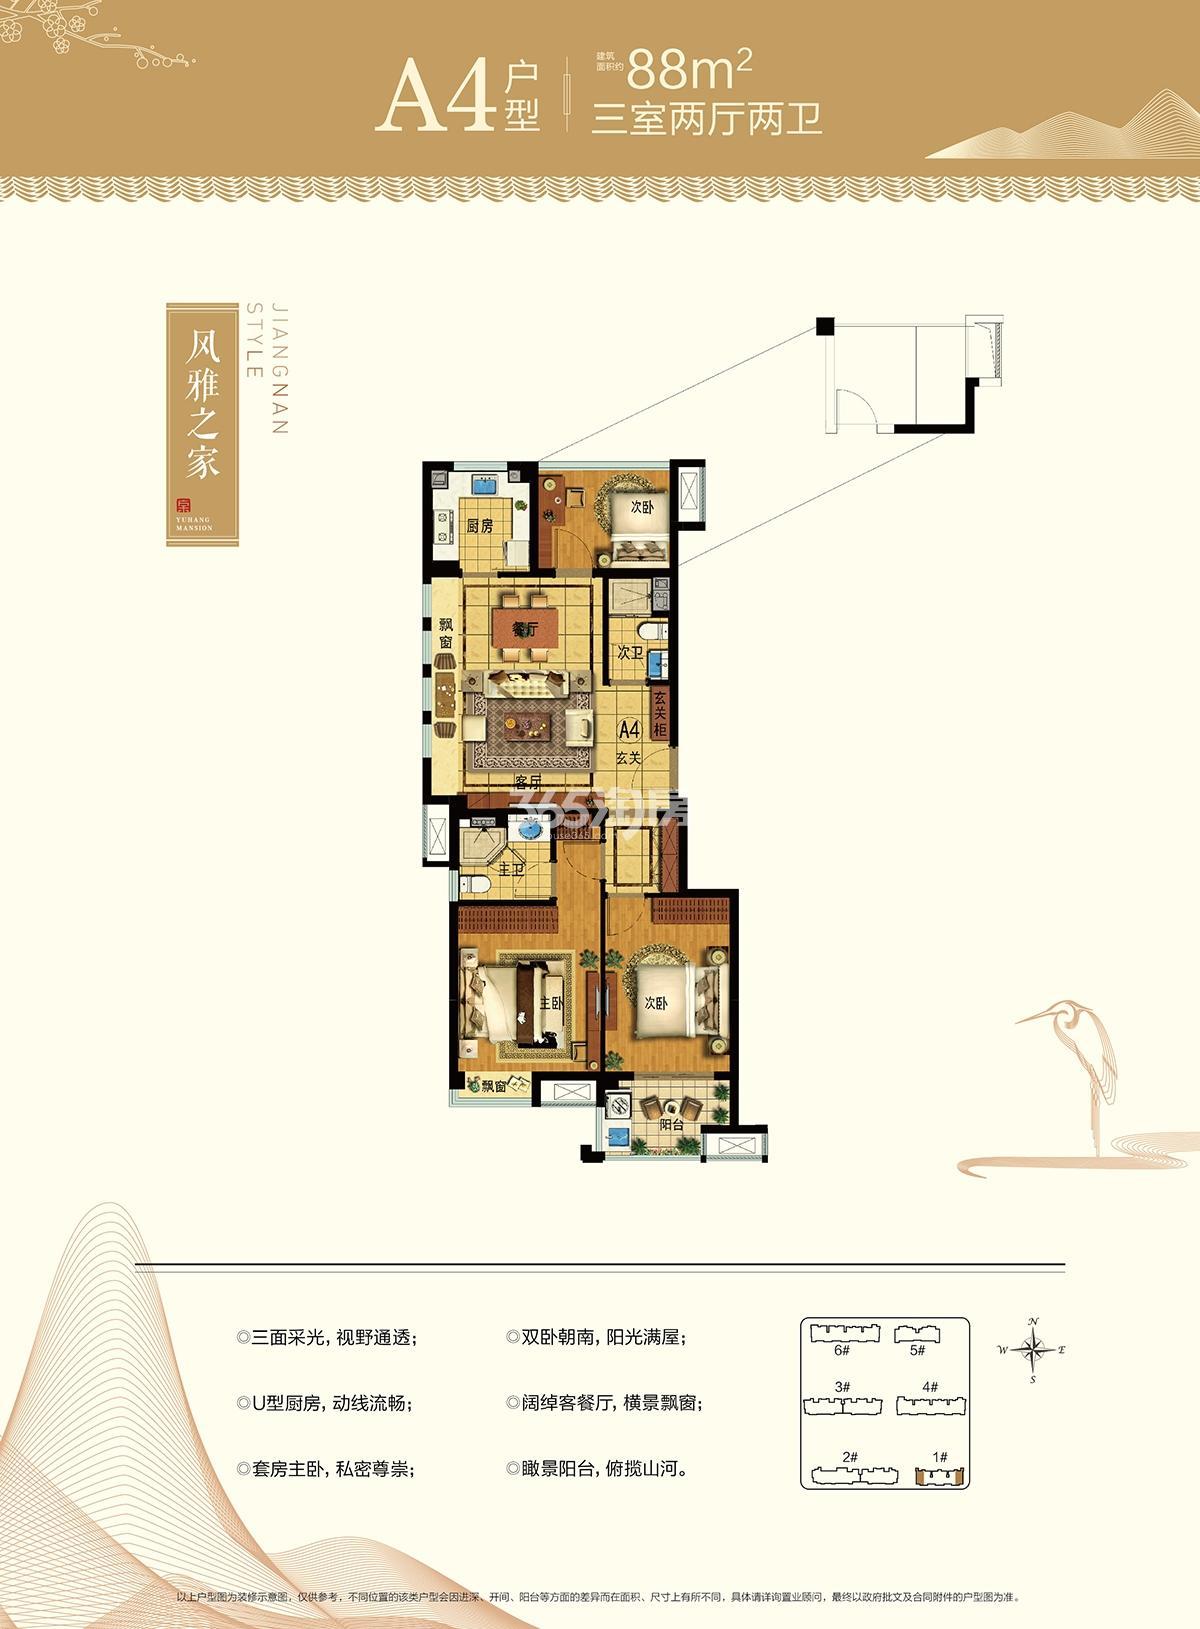 西房余杭公馆1号楼A4户型88方